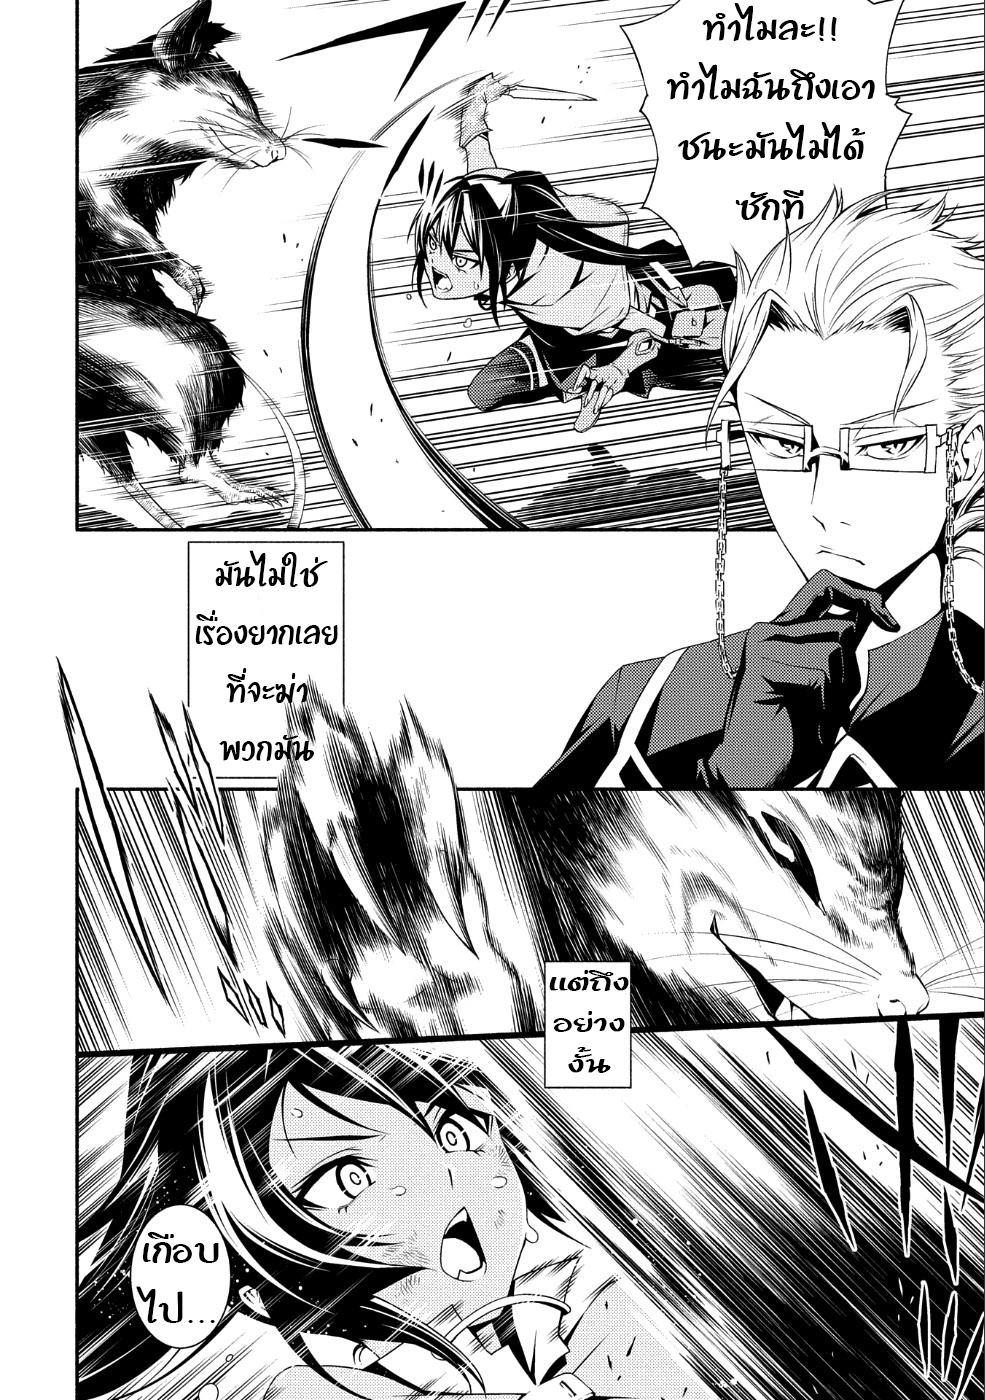 อ่านการ์ตูน Saikyou Party no Zatsuyougakari Ossan wa Muriyari Kyuuka o Tora Sareta you desu ตอนที่ 1 หน้าที่ 27